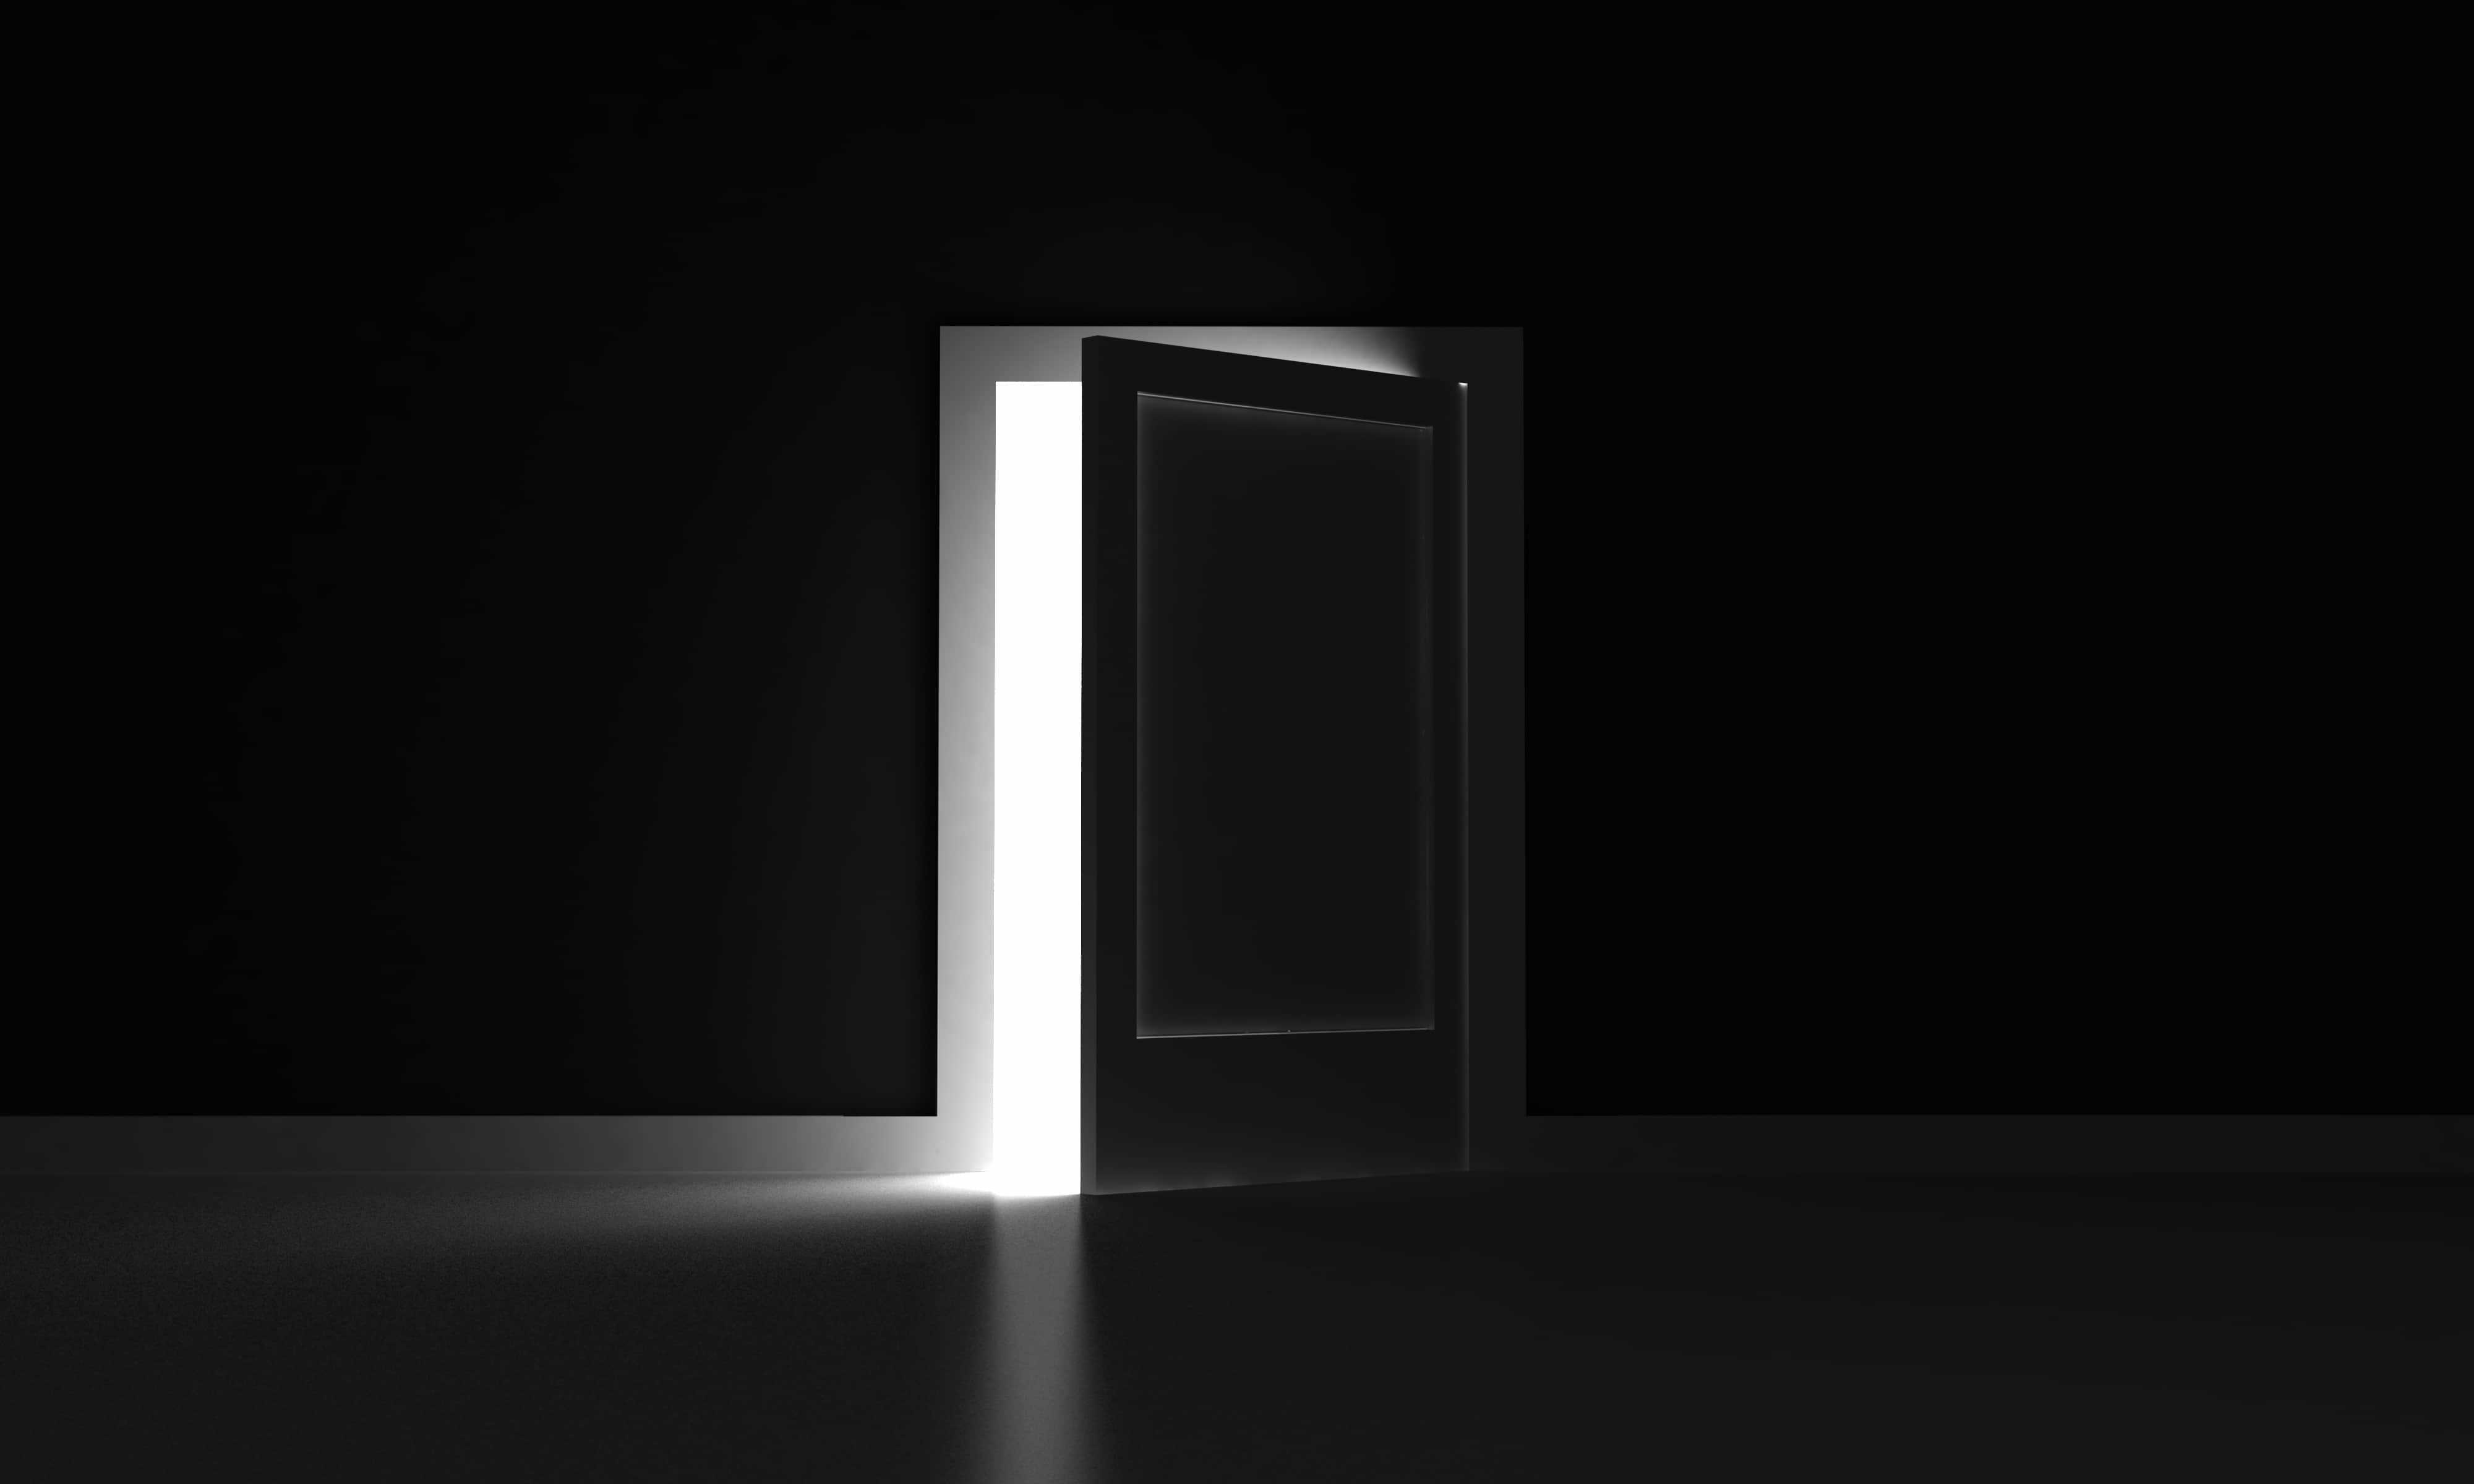 Die Angst vor der Dunkelheit kommt von Deiner Kindheit | Hypnose kann diese Problem lösen